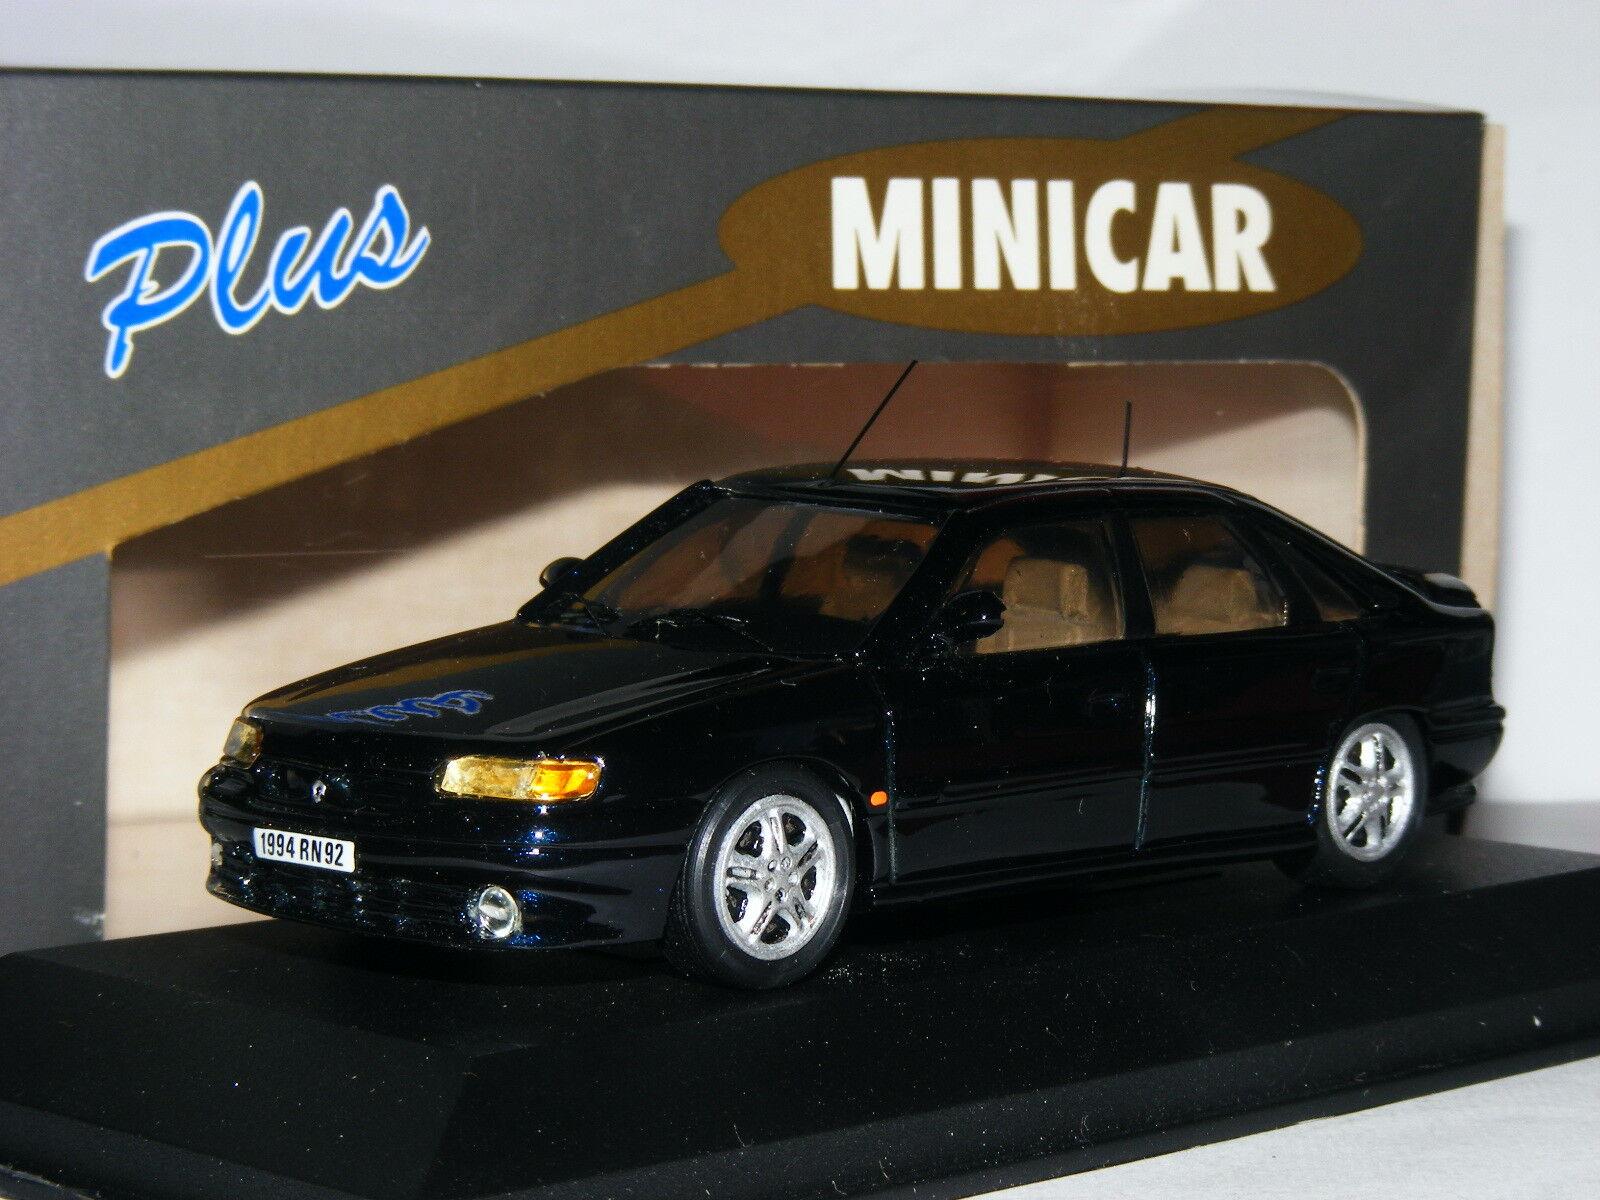 Minicar Plus 00.014 1994 Renault Safrane Baccara Biturbo Metallic bluee 1 43